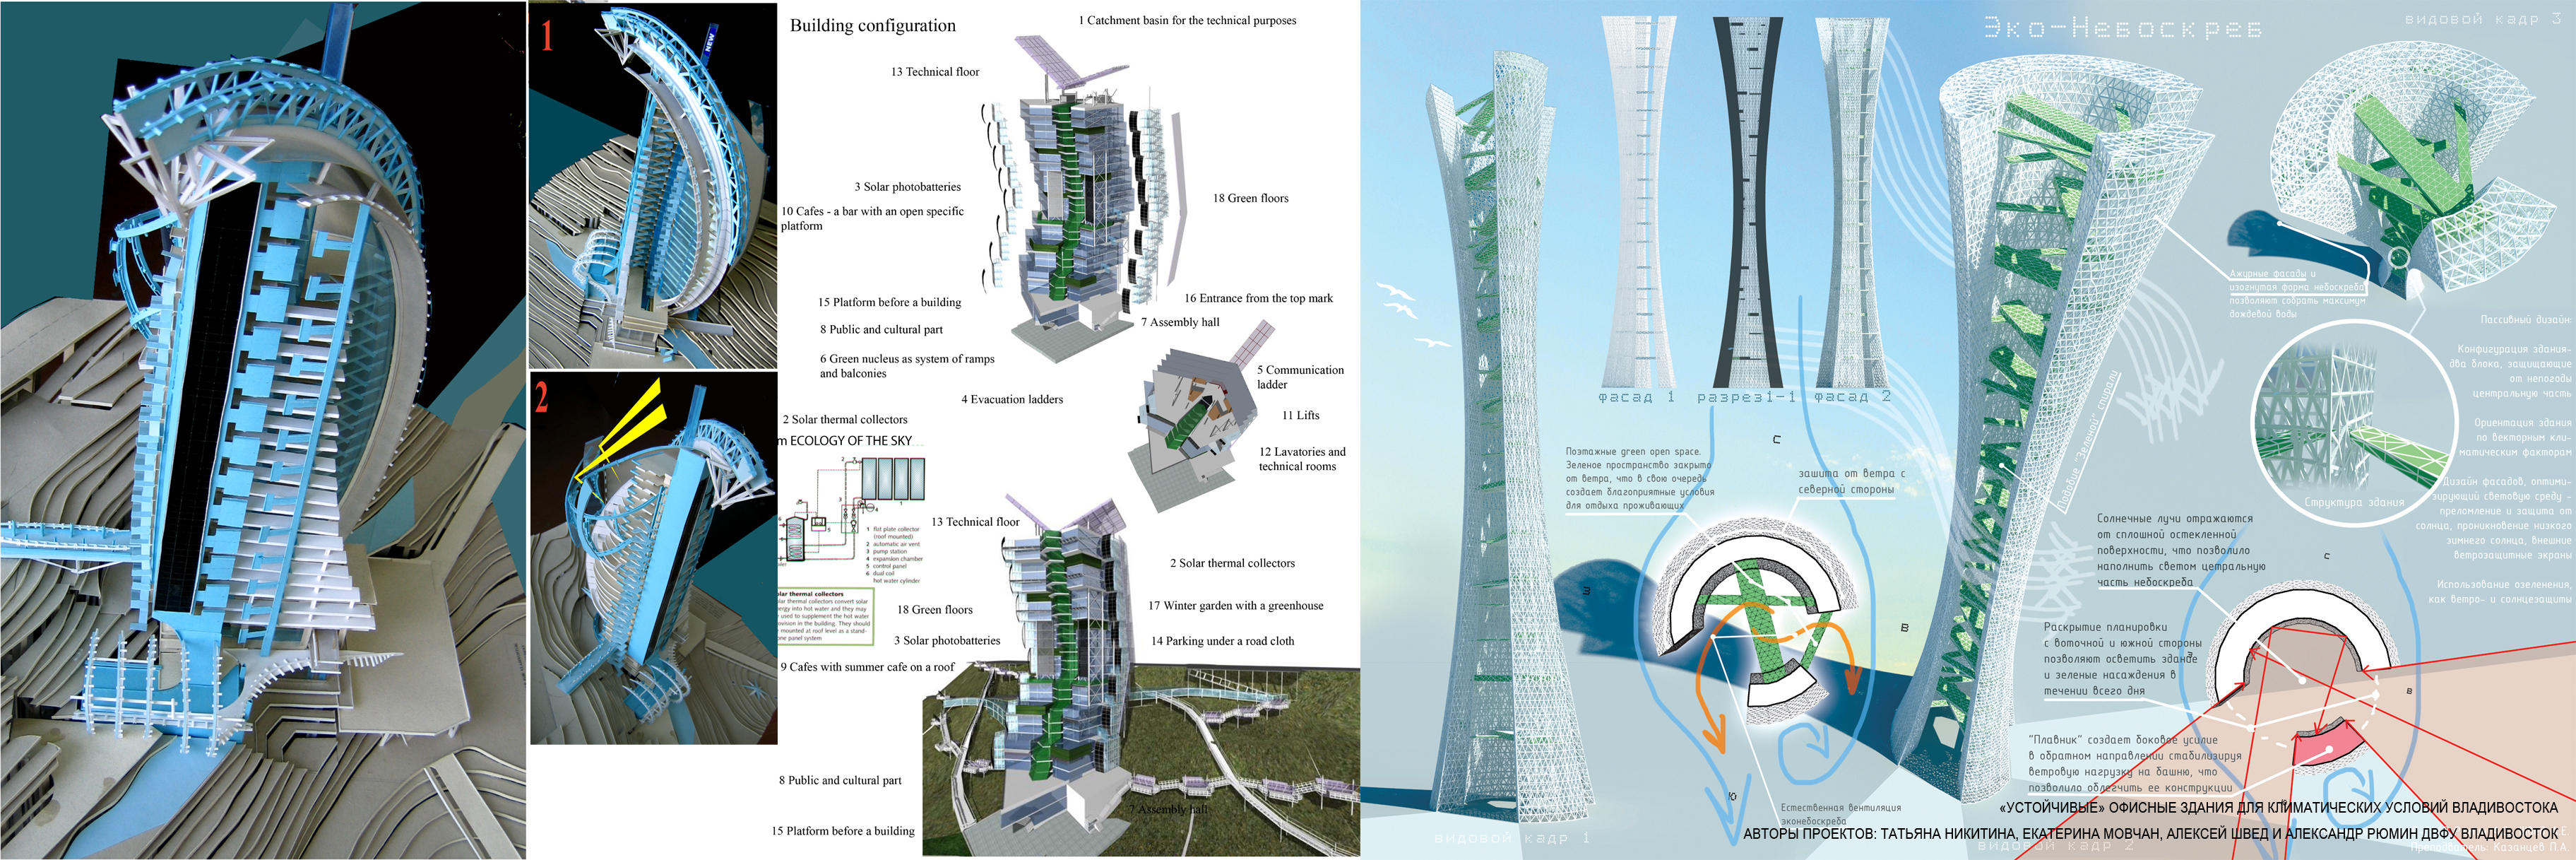 АН7 устойчивые офисные здания для условий владивостока